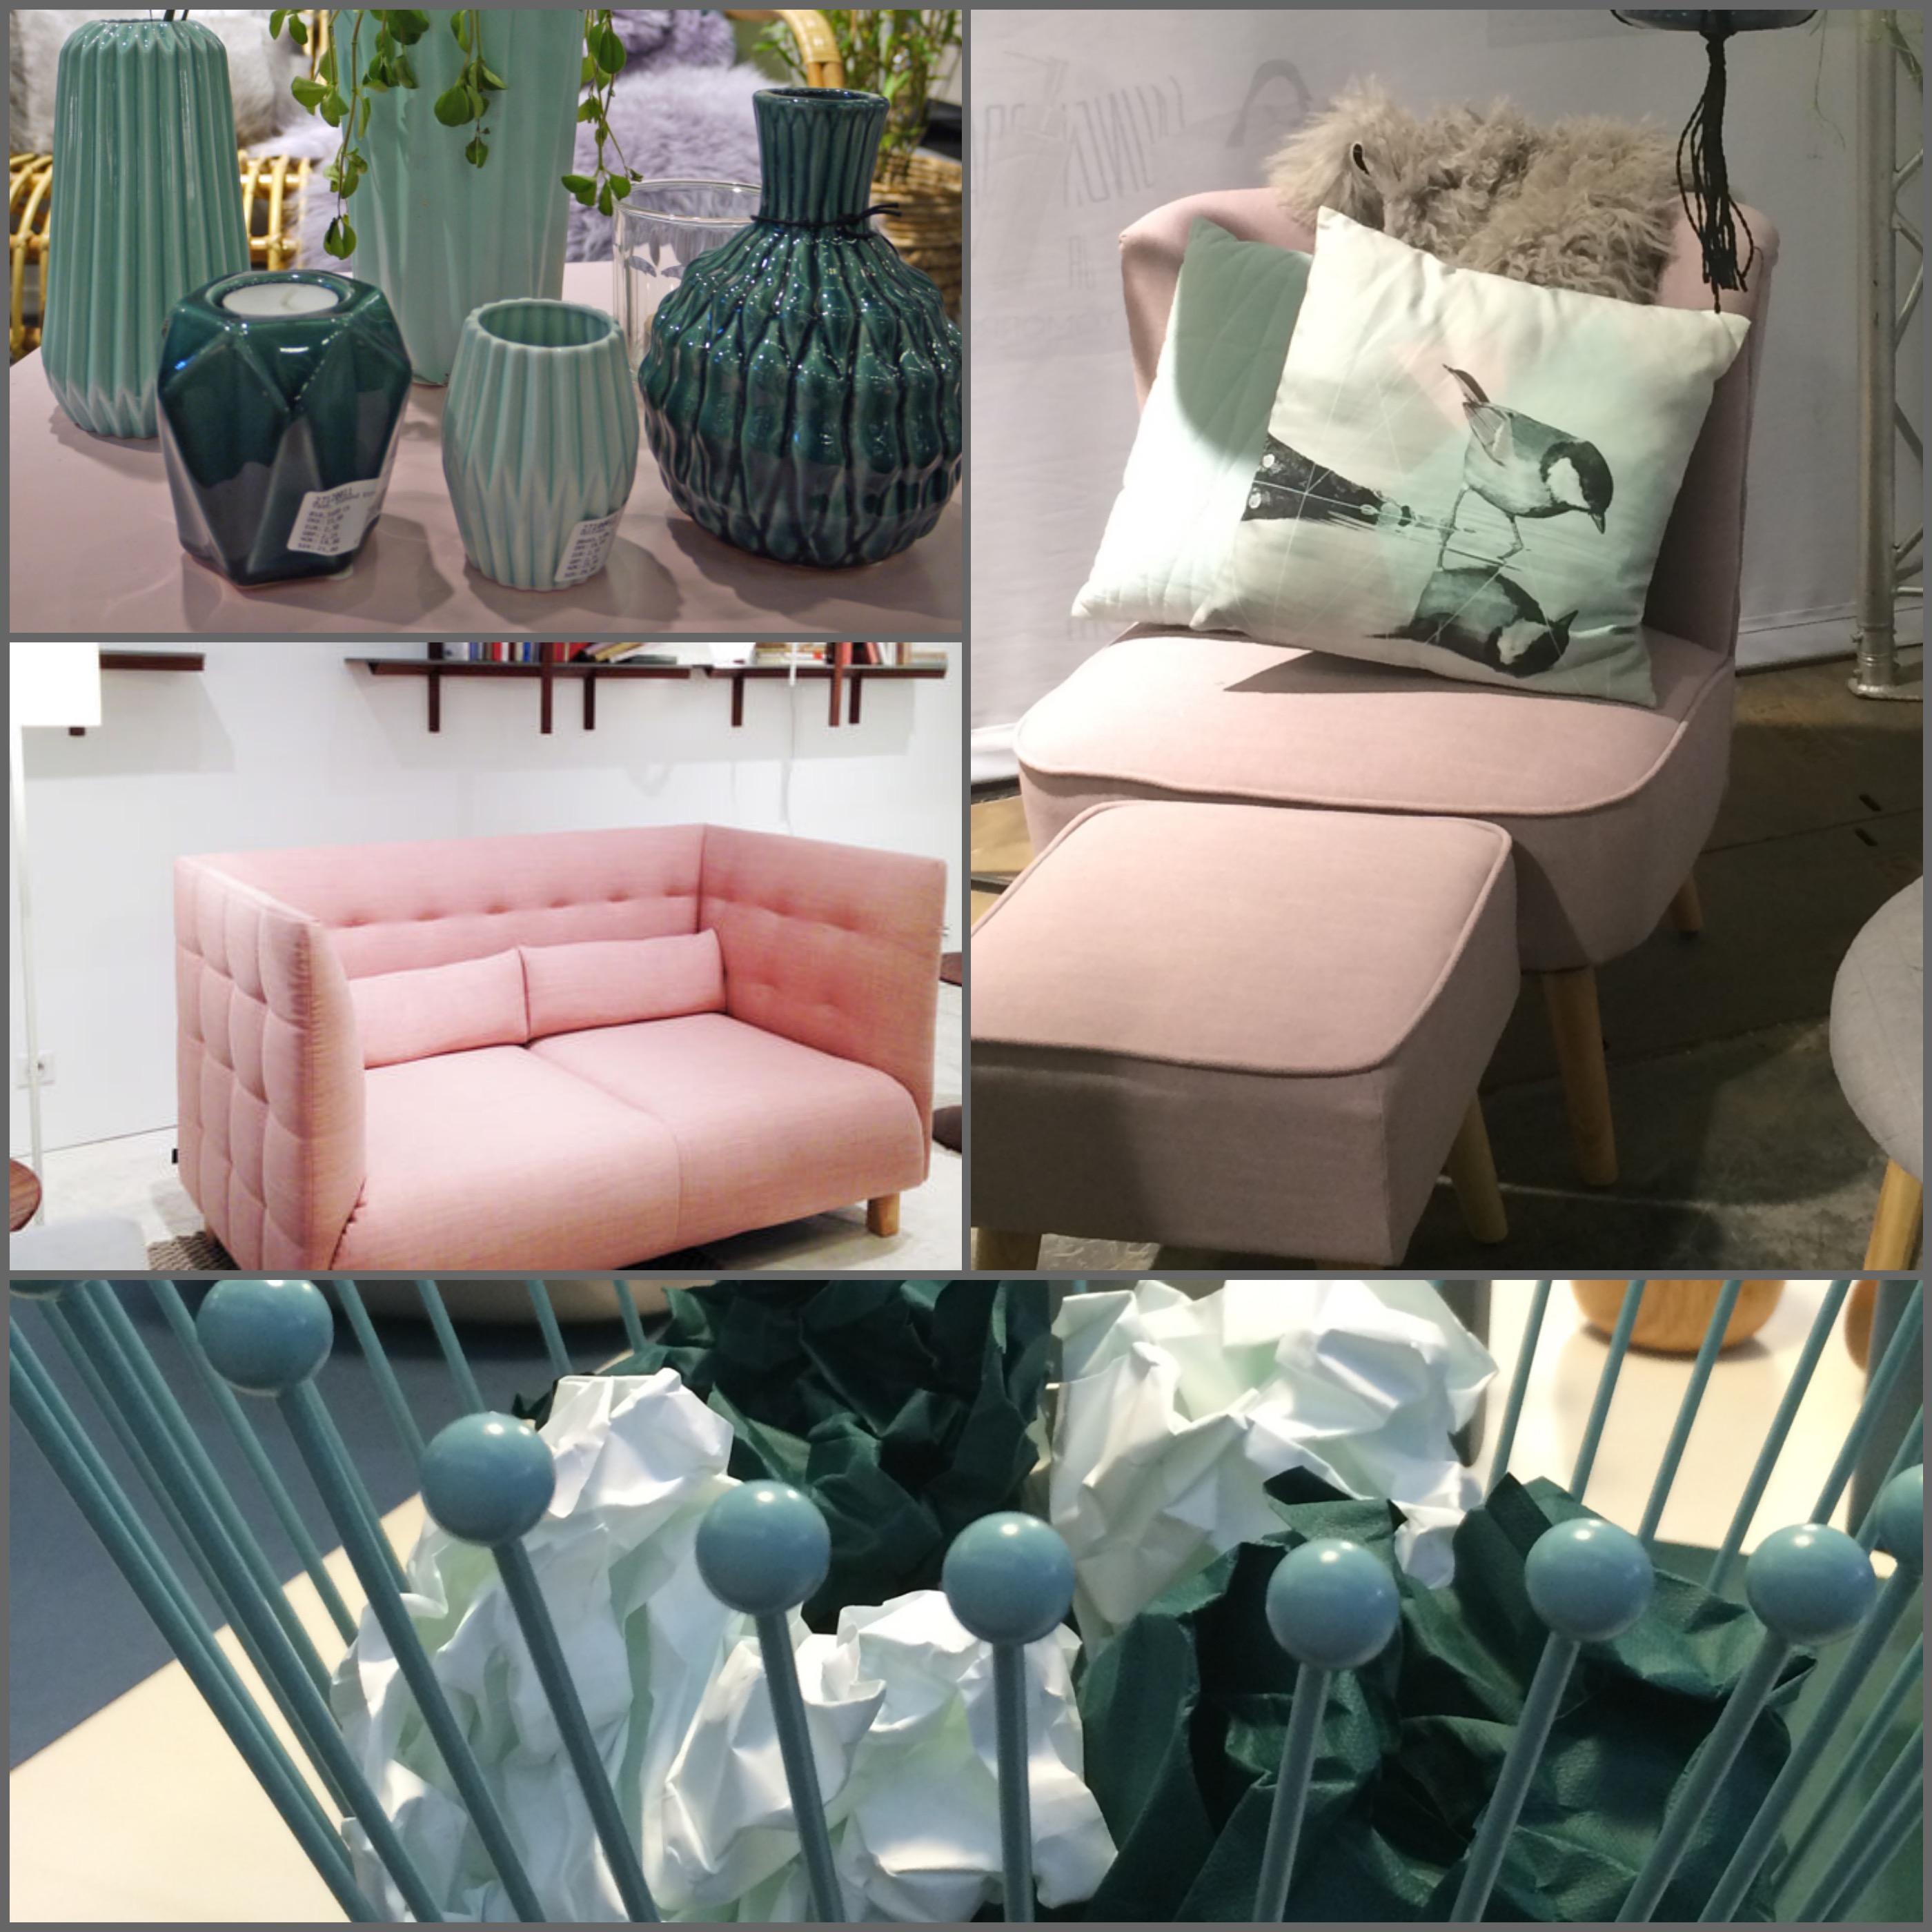 maison et objet 2015 les tendances mes coups de coeur. Black Bedroom Furniture Sets. Home Design Ideas